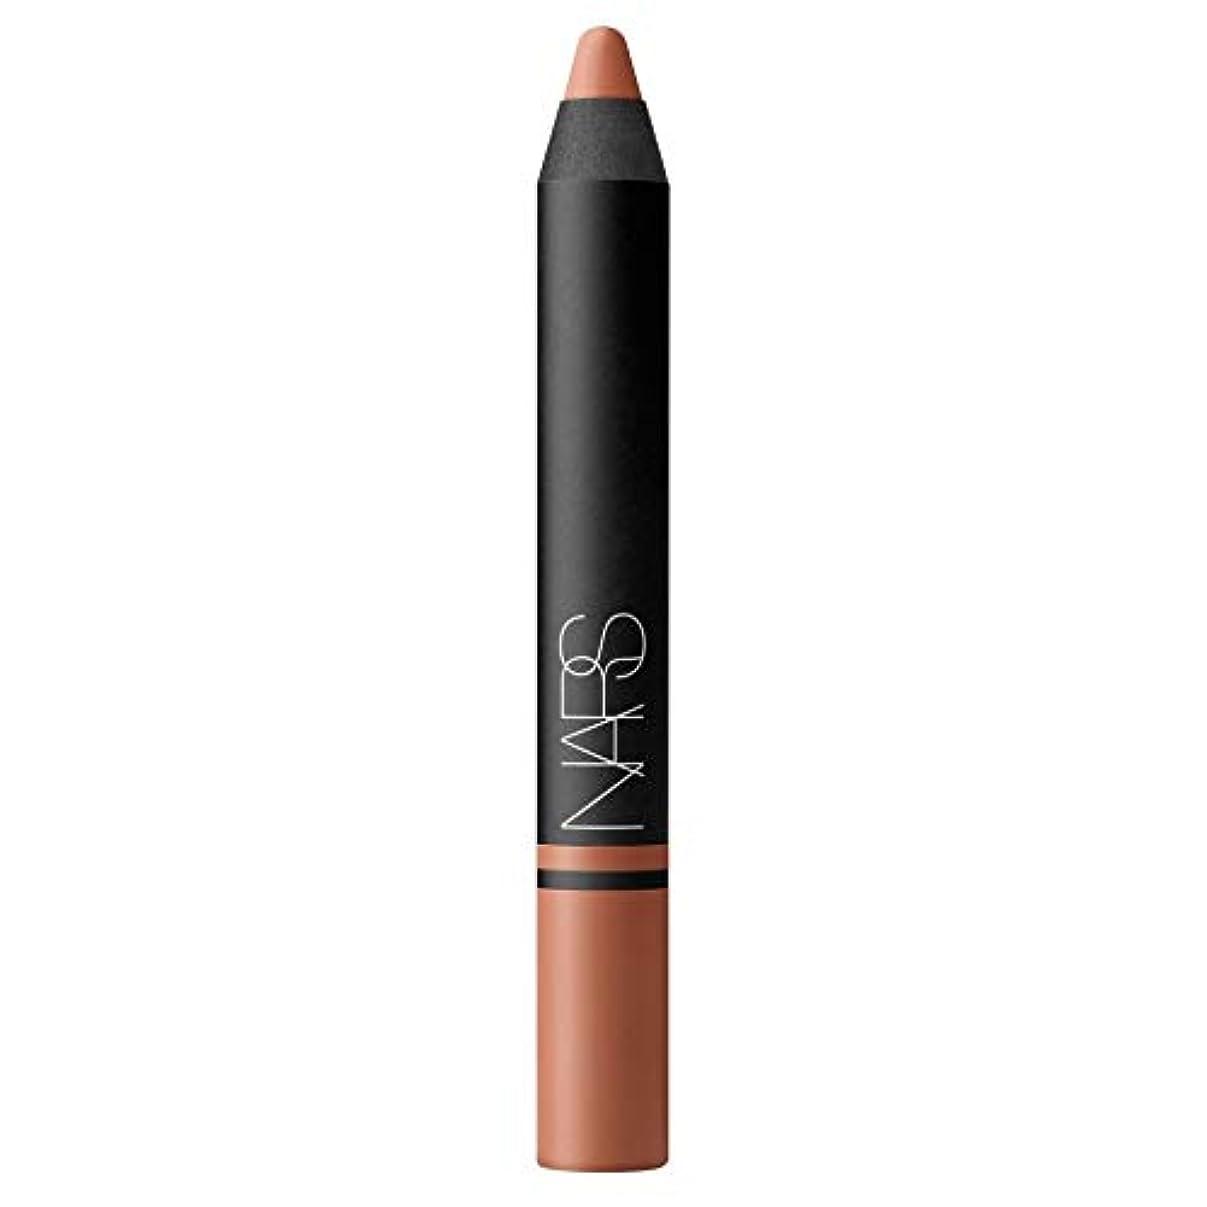 同意する検出器重なる[NARS] ベッラ島でのNarサテンリップペンシル - Nars Satin Lip Pencil in Isola Bella [並行輸入品]